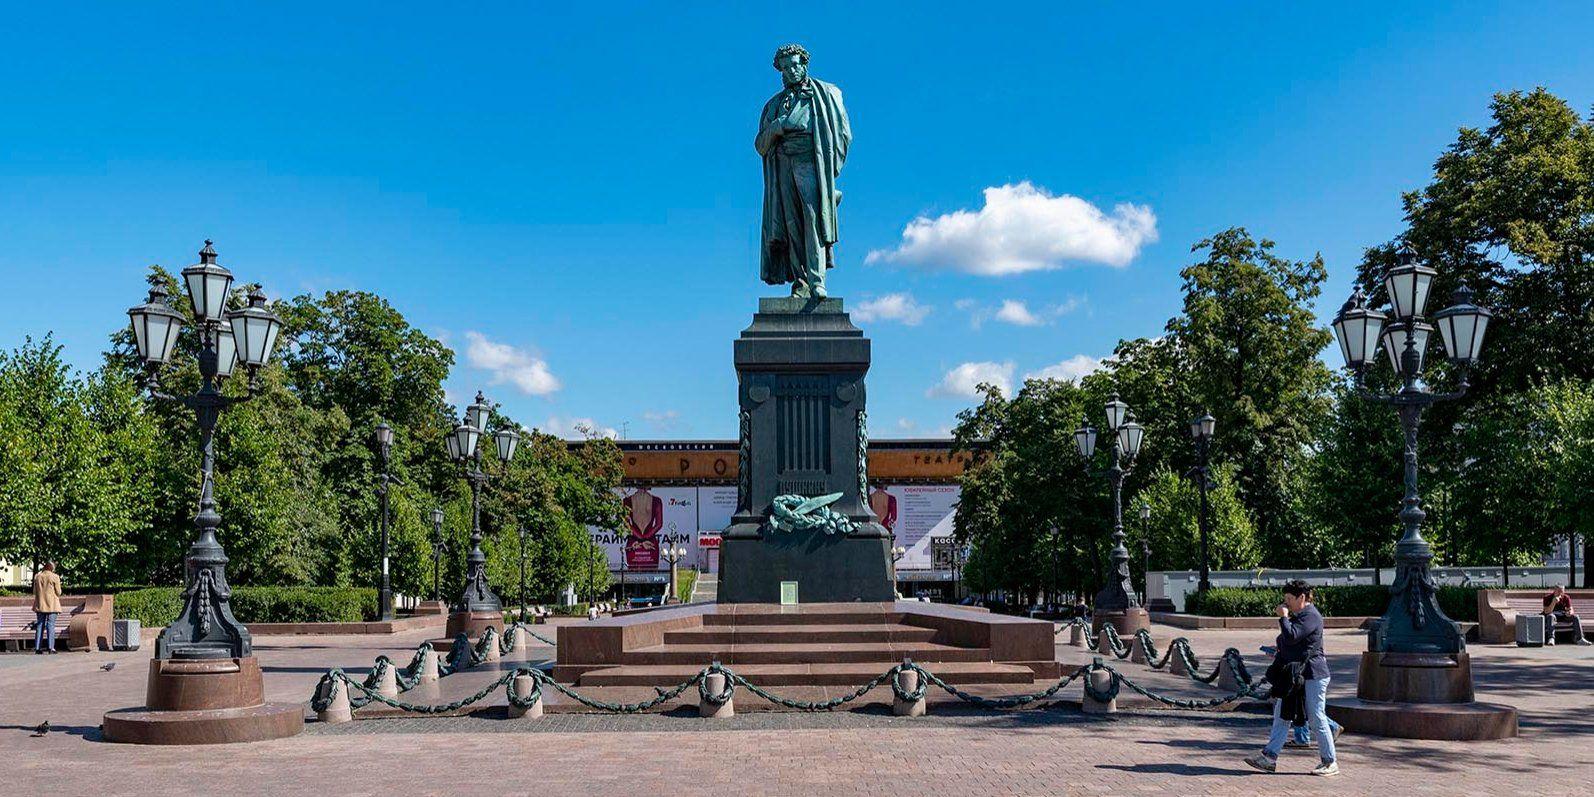 Жителям Москвы предложили проголосовать за любимые памятники